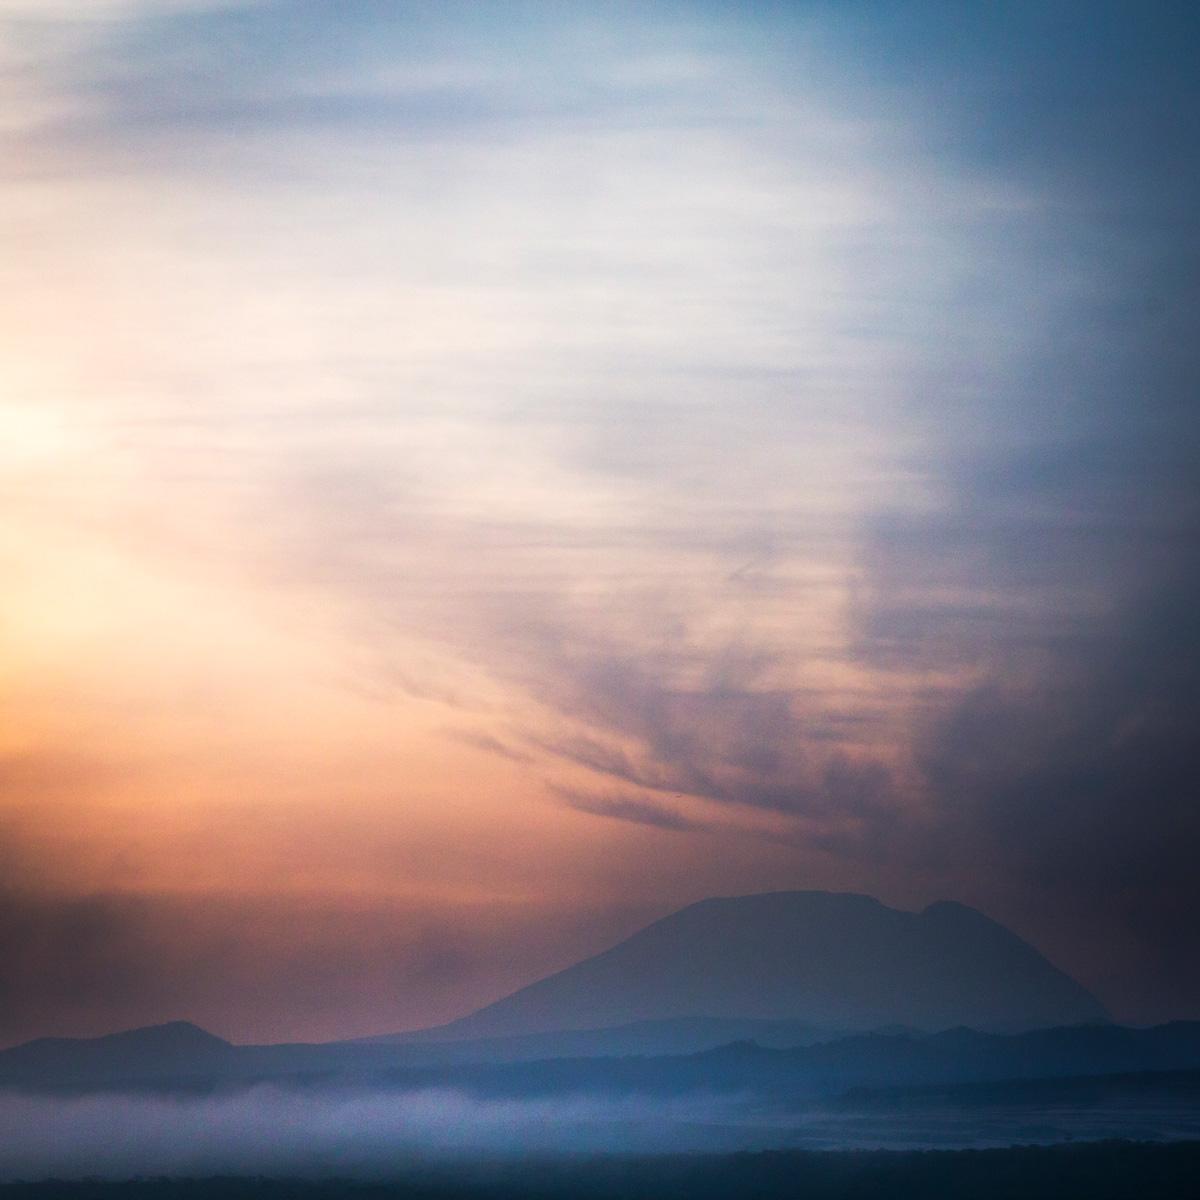 Kilimanjaro-Dawn